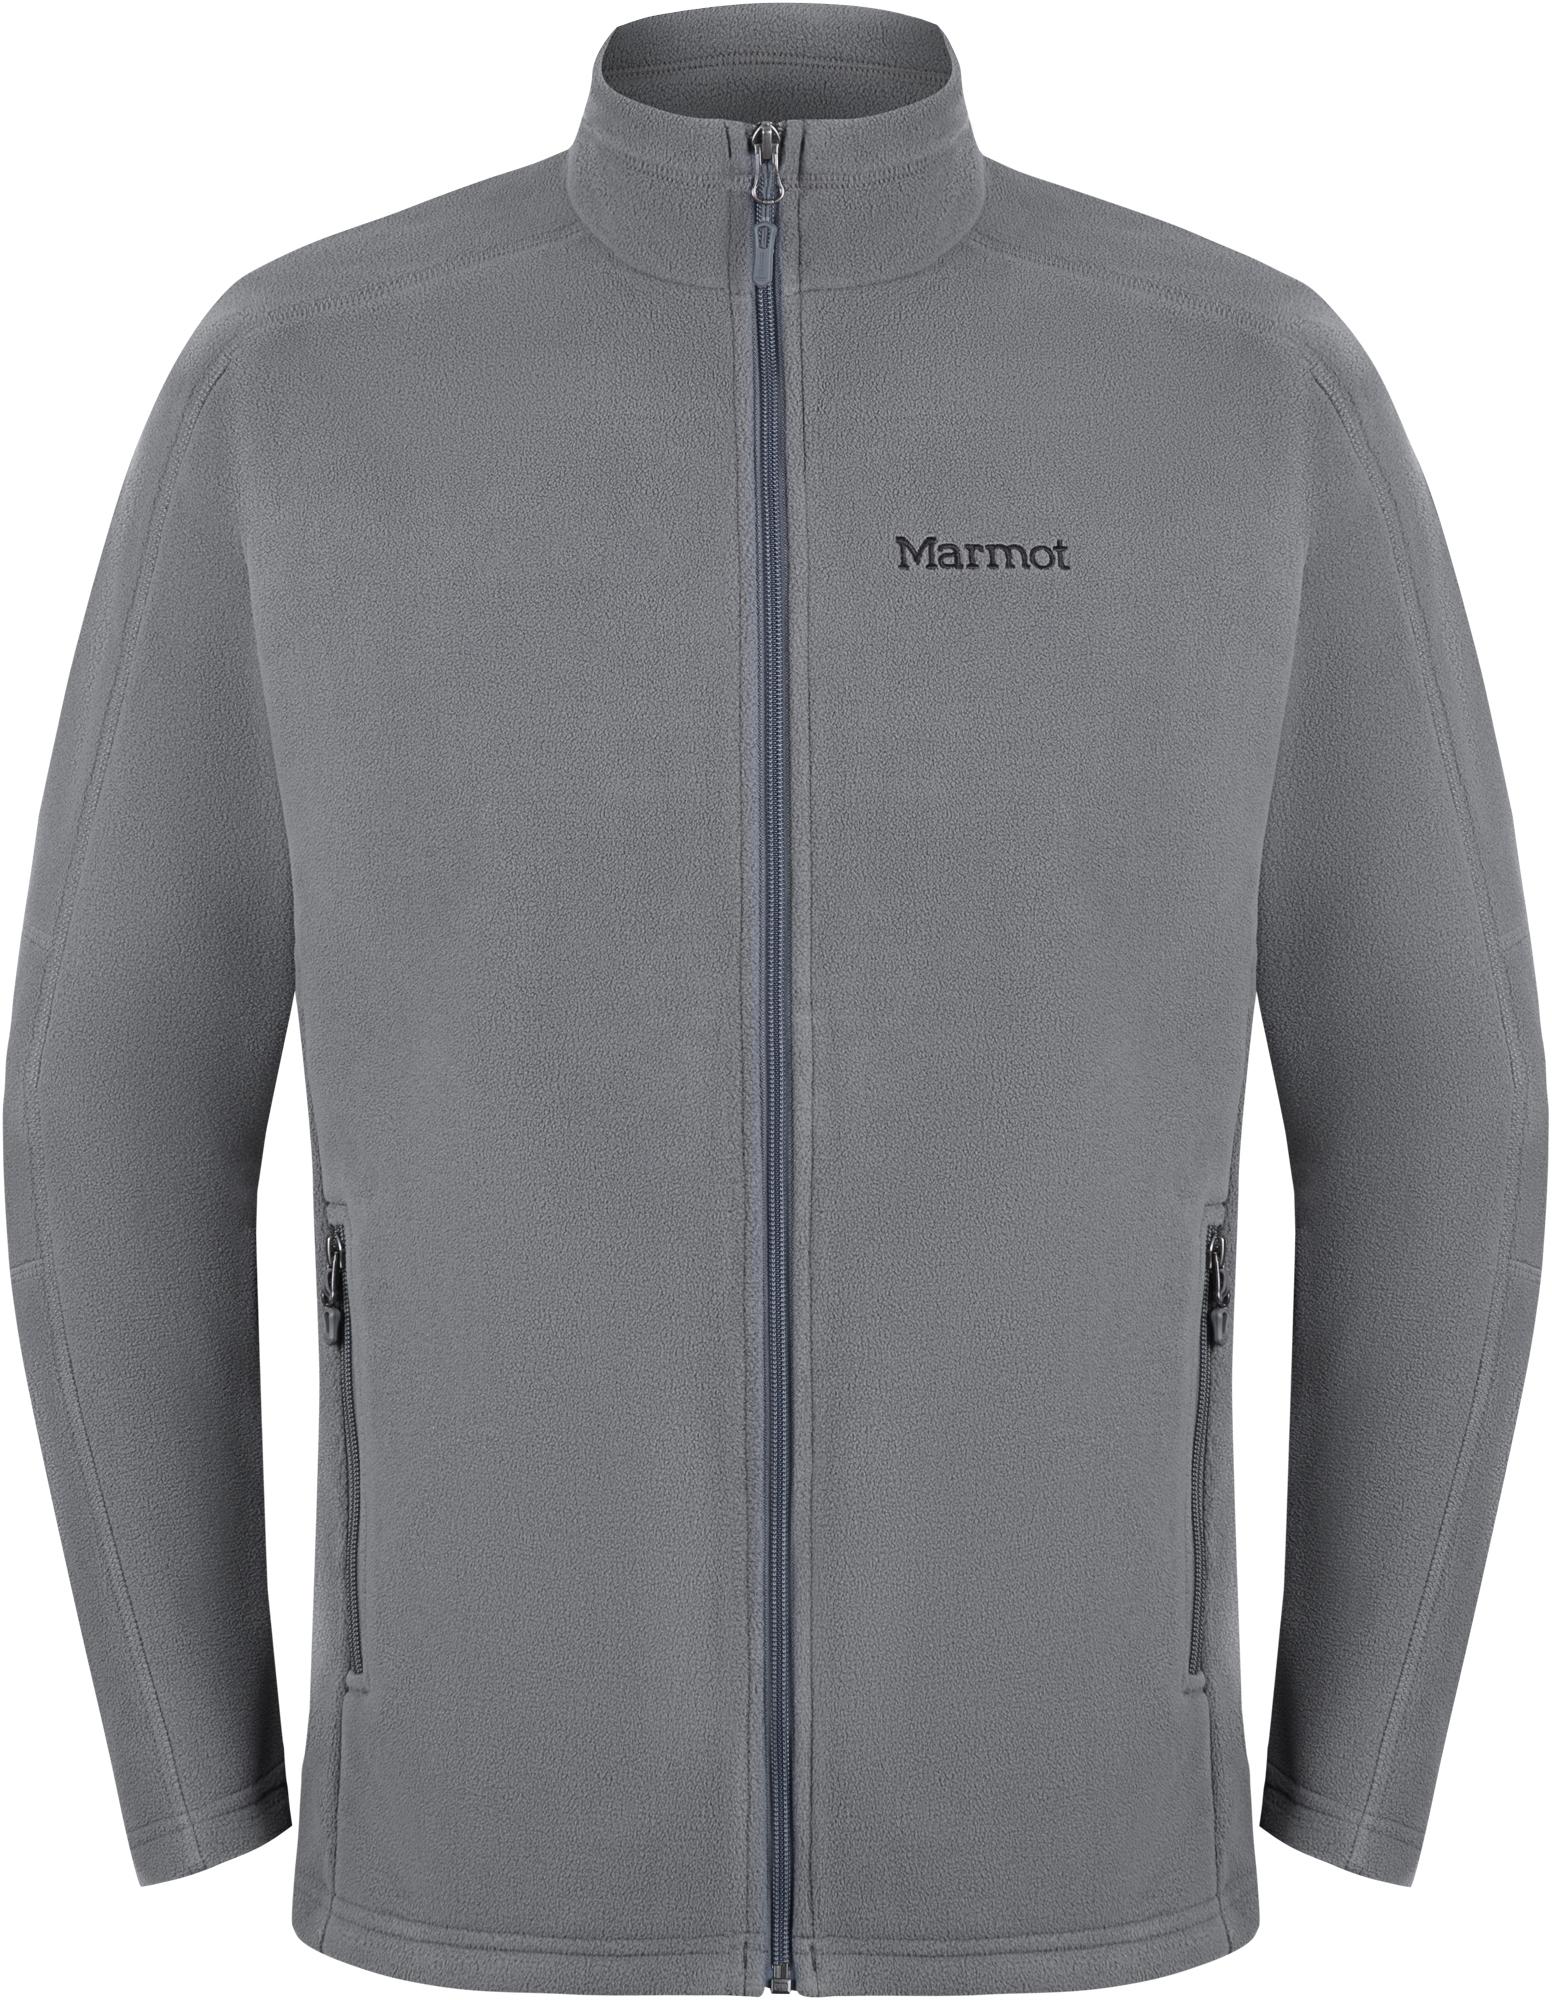 Marmot Джемпер флисовый мужской Verglas, размер 58-60